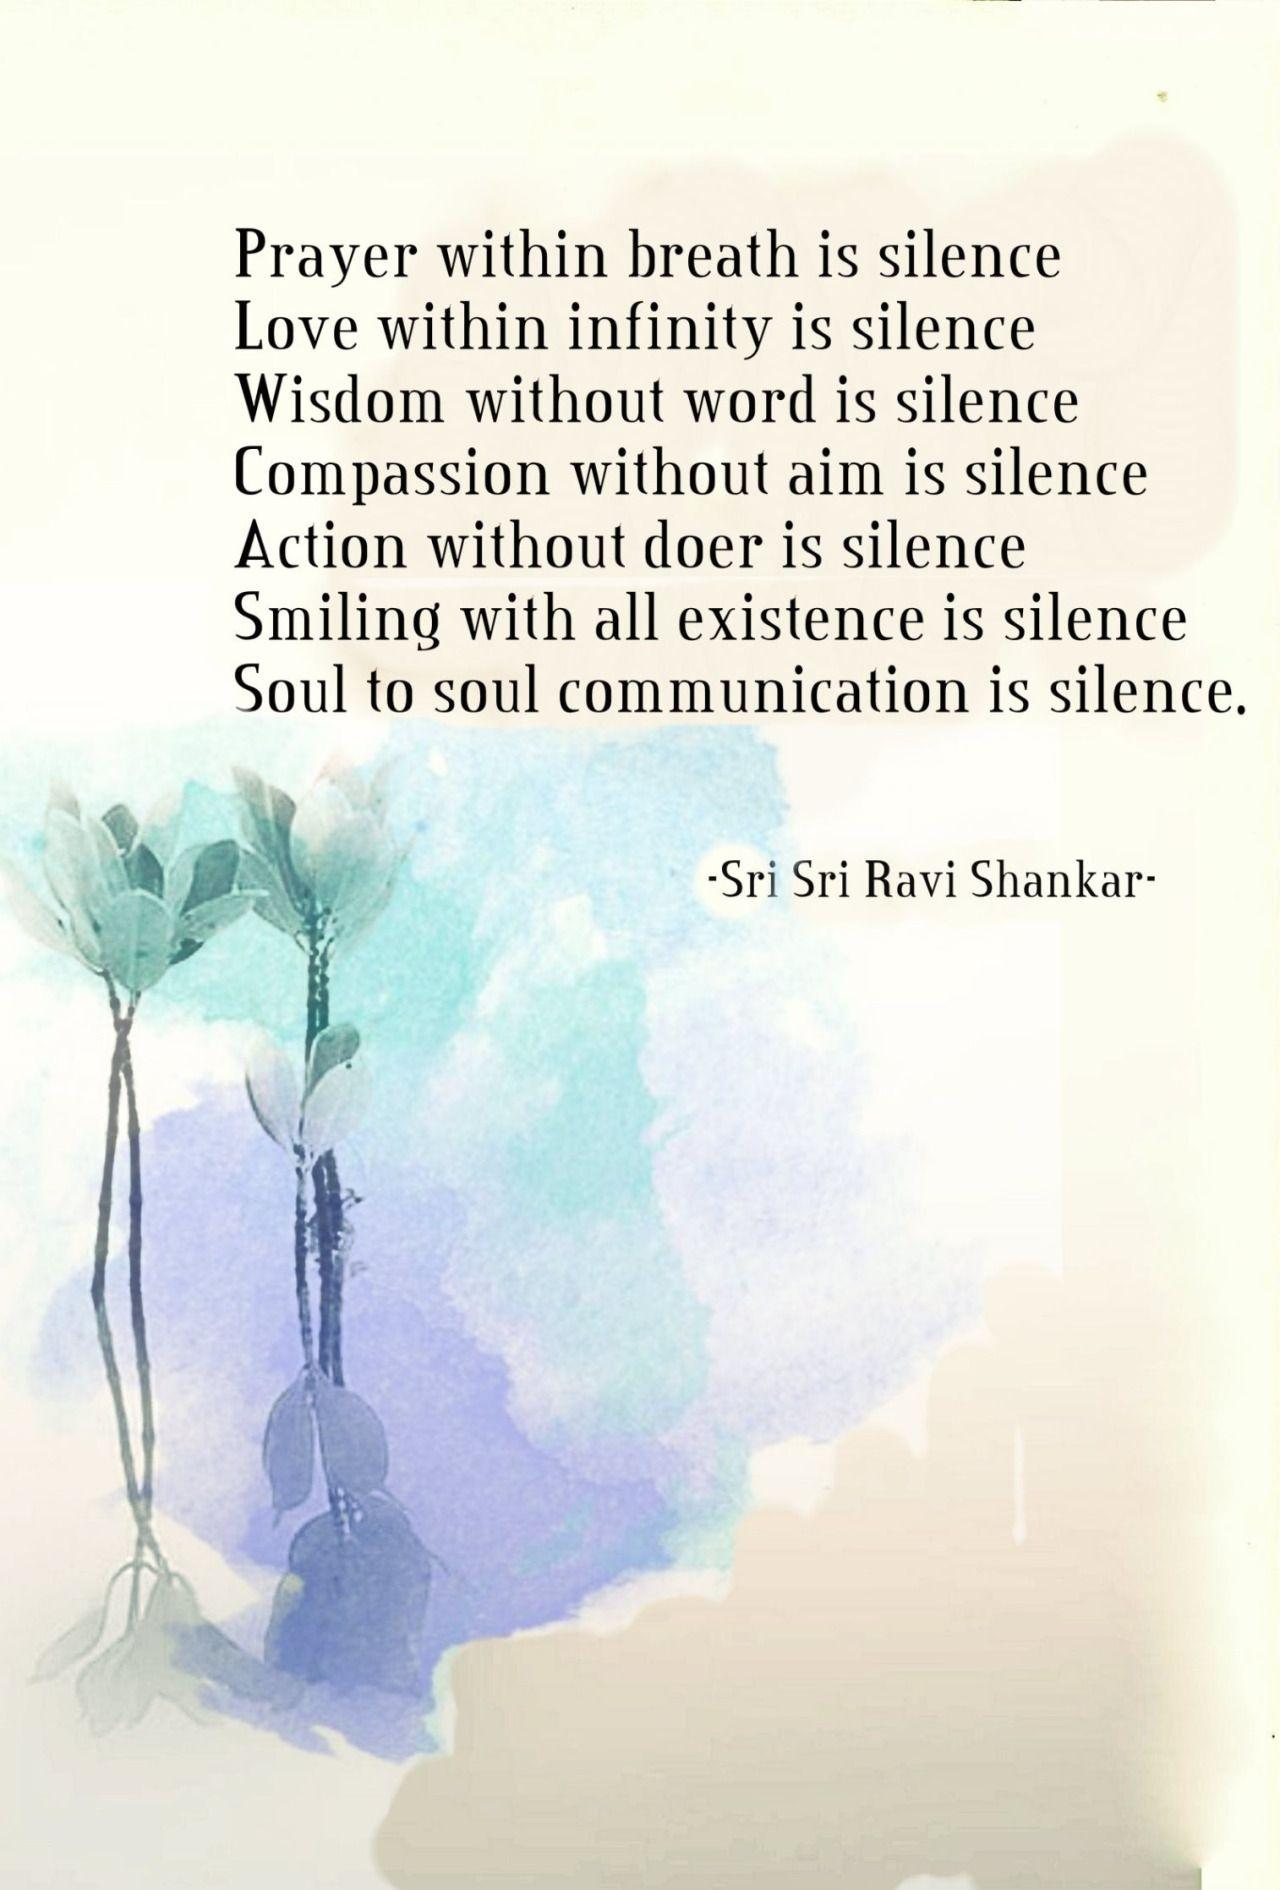 Terracemuse Soul To Soul Communication Is Silence Sri Sri Ravi